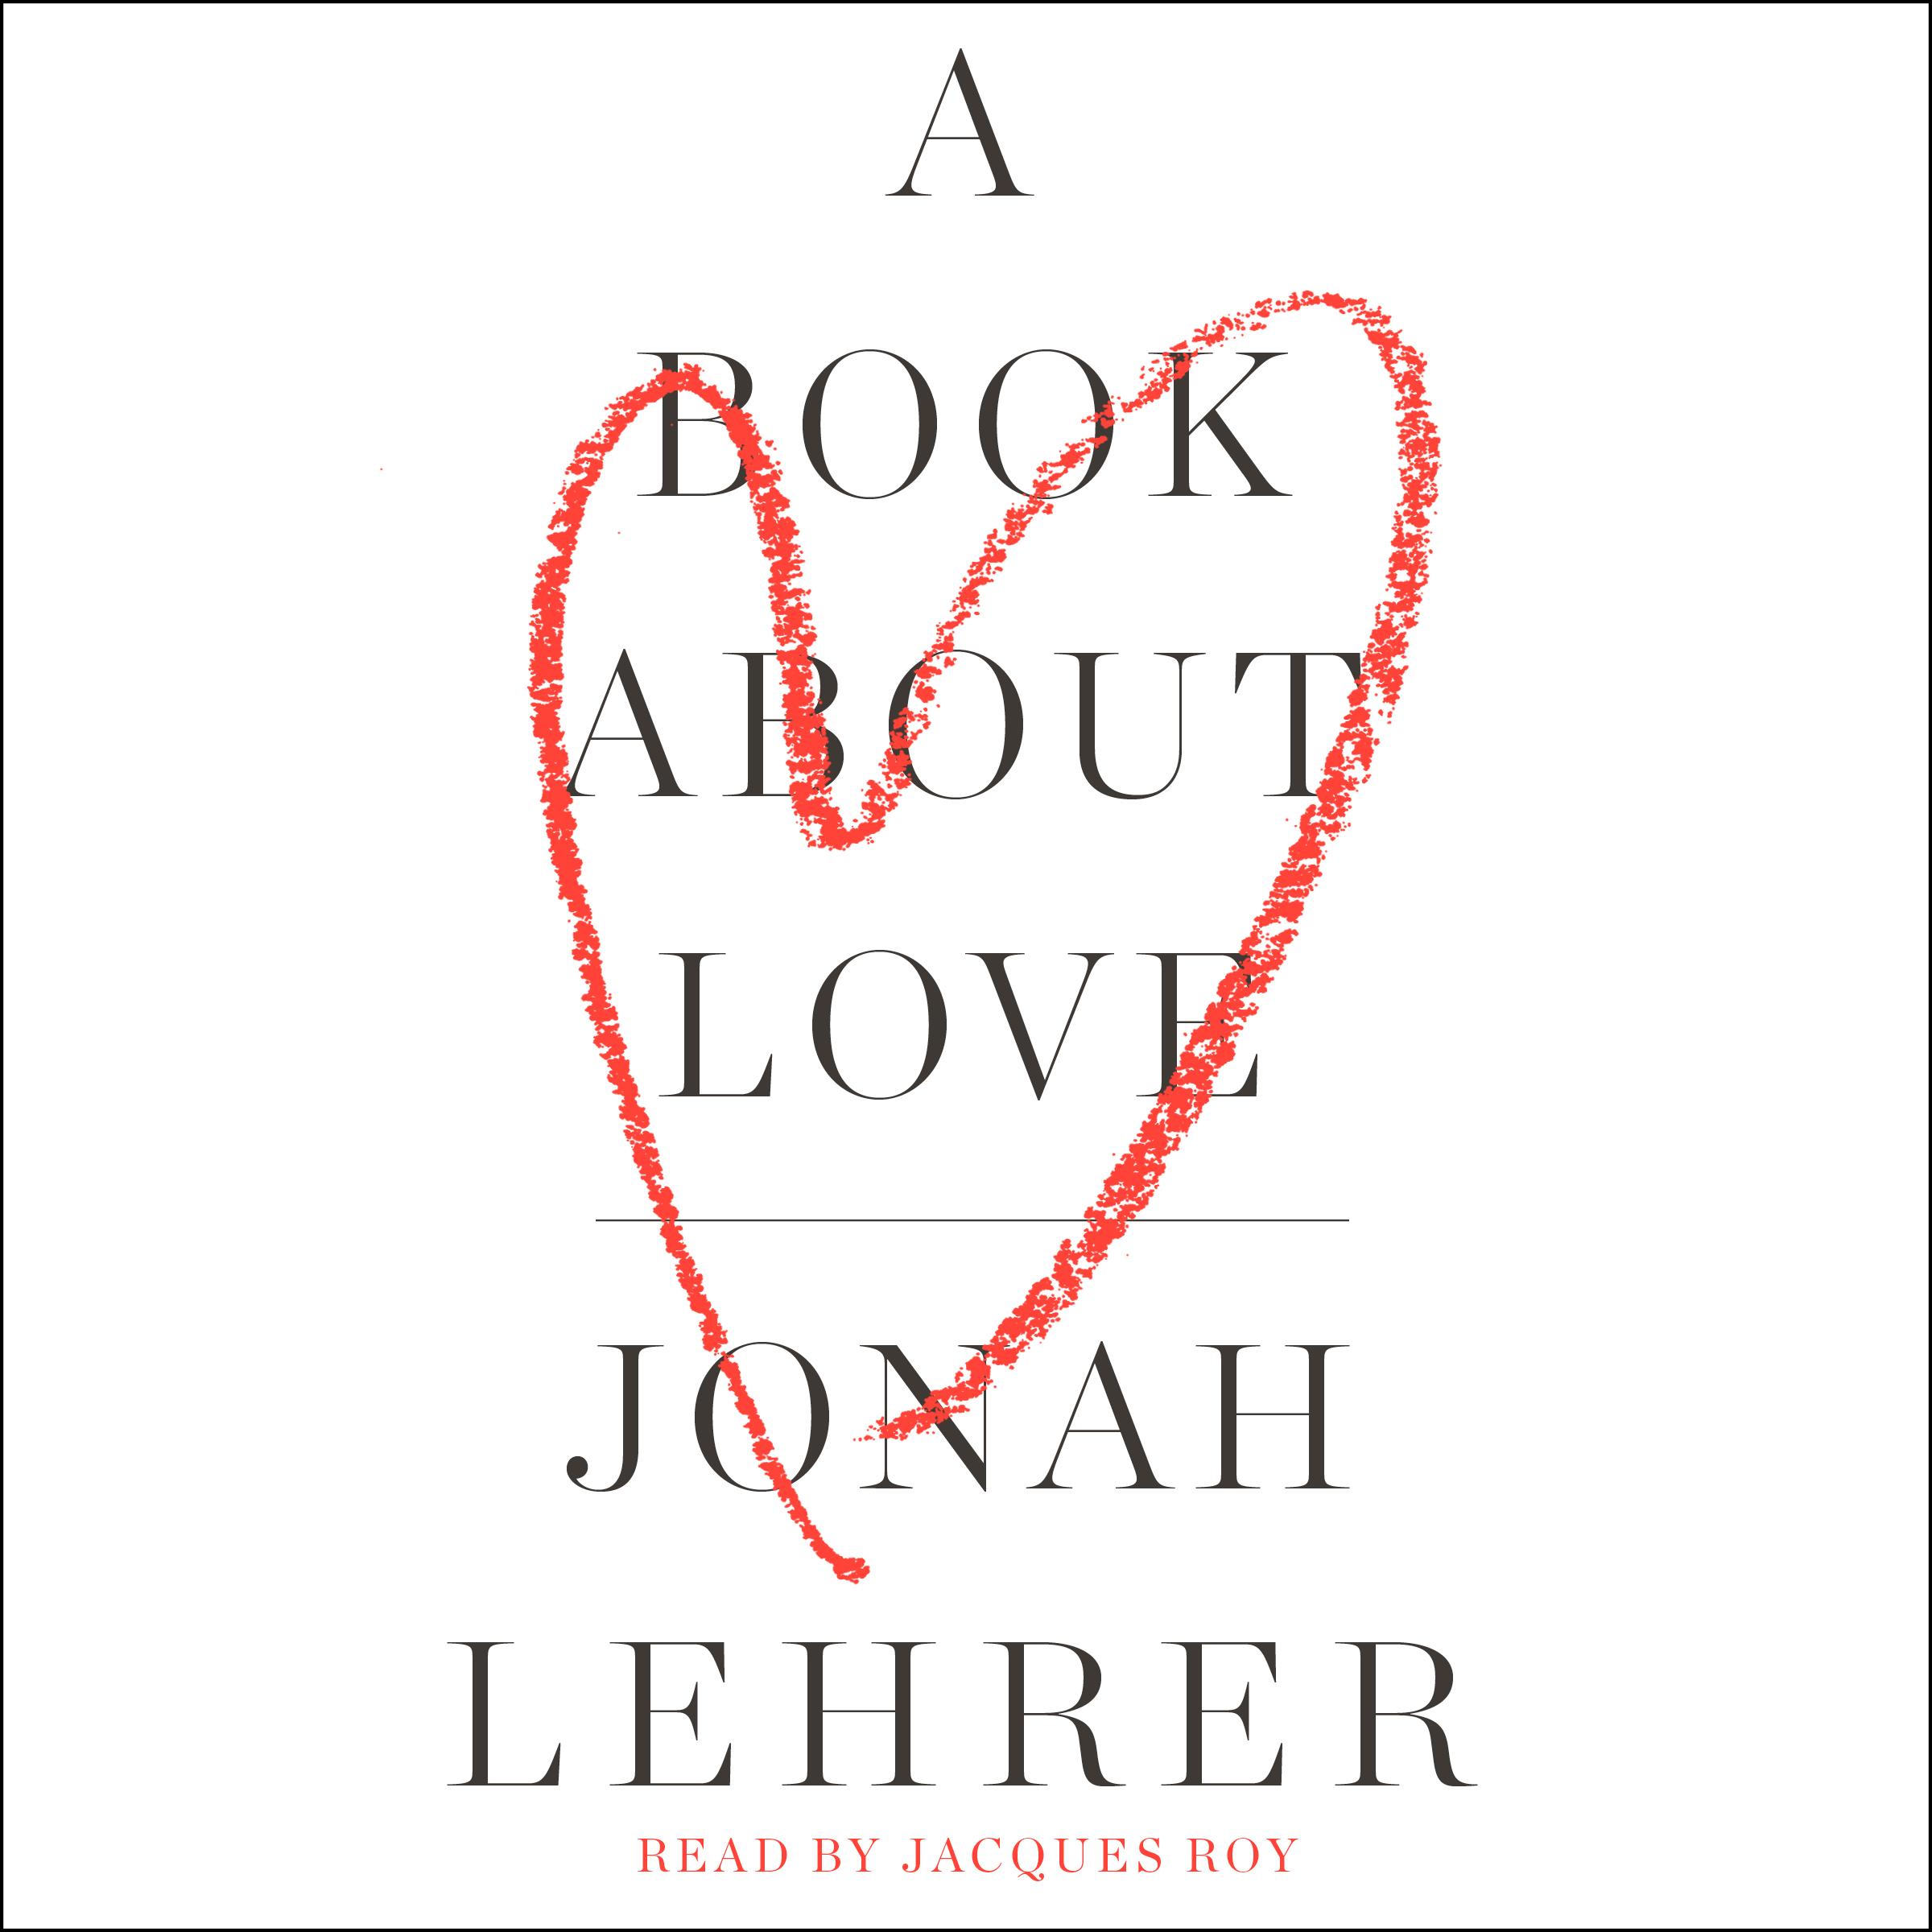 Jonah lehrer books